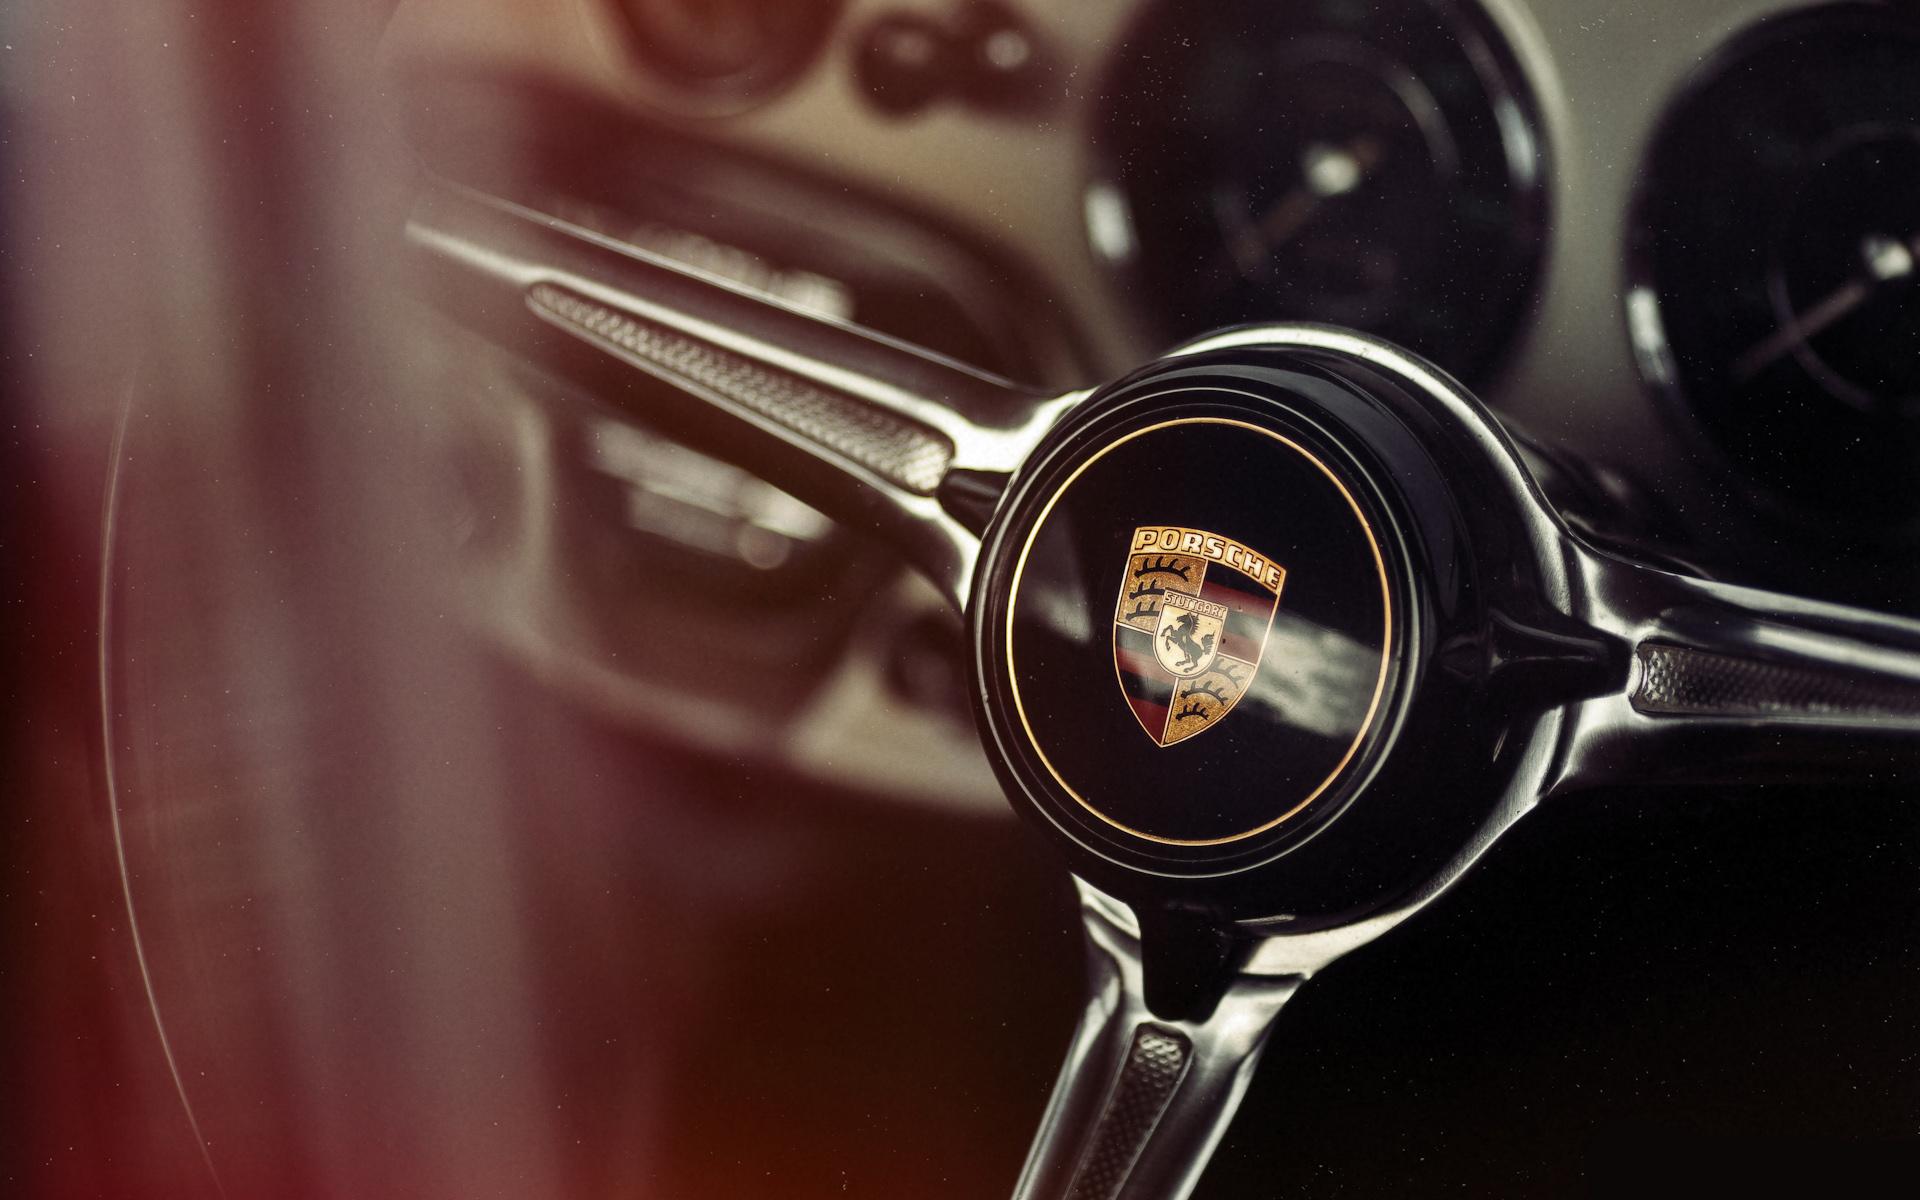 1280x2120 porsche car steering iphone 6+ hd 4k wallpapers, images